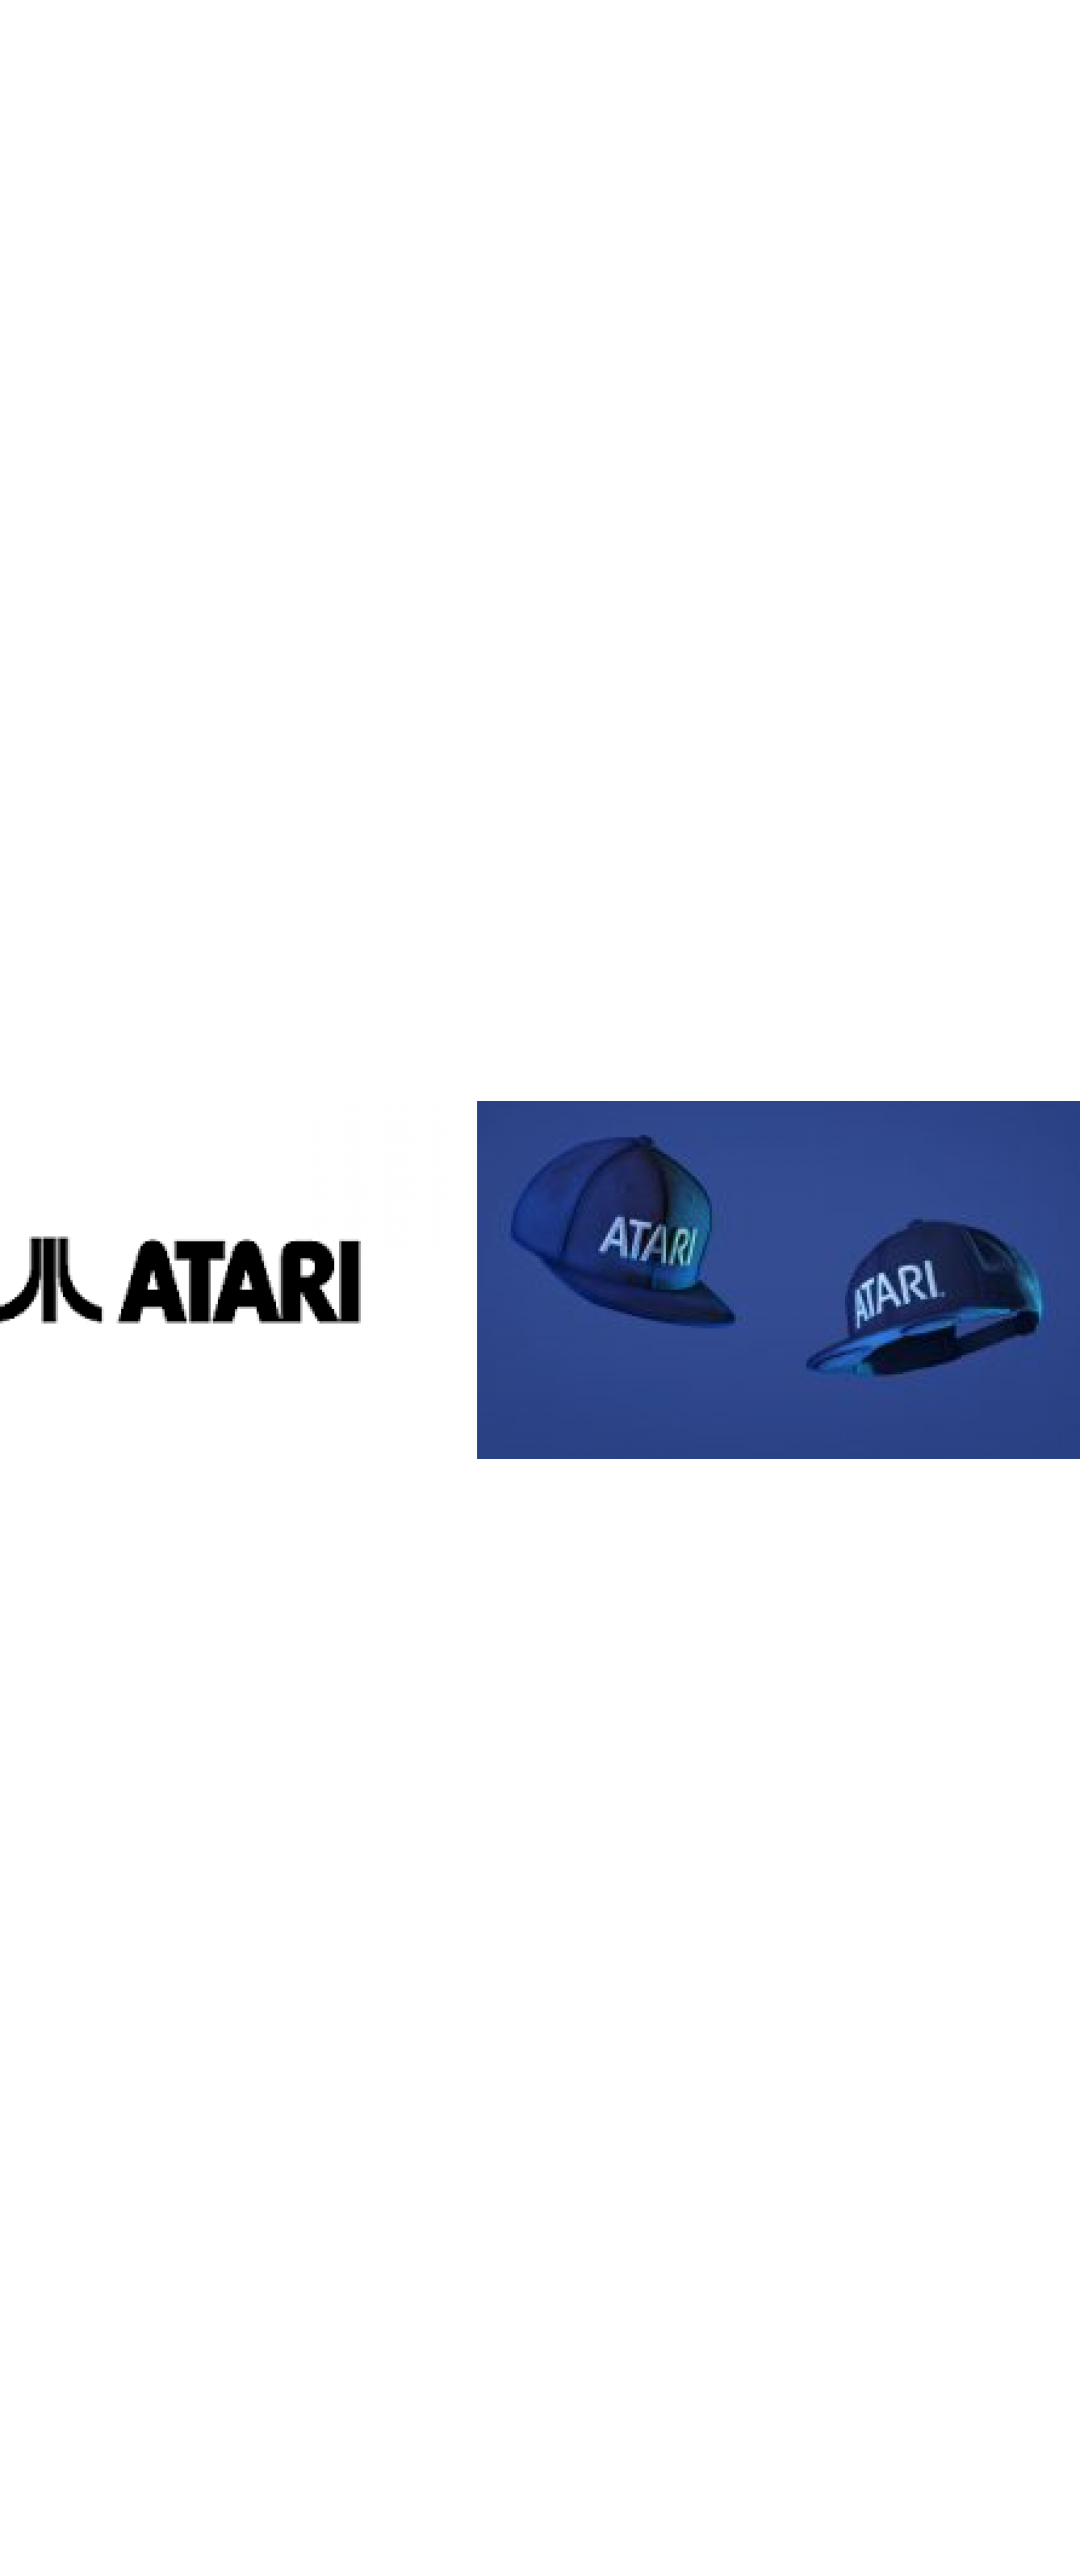 Atari presenta un producto millenial: Una gorra con parlantes